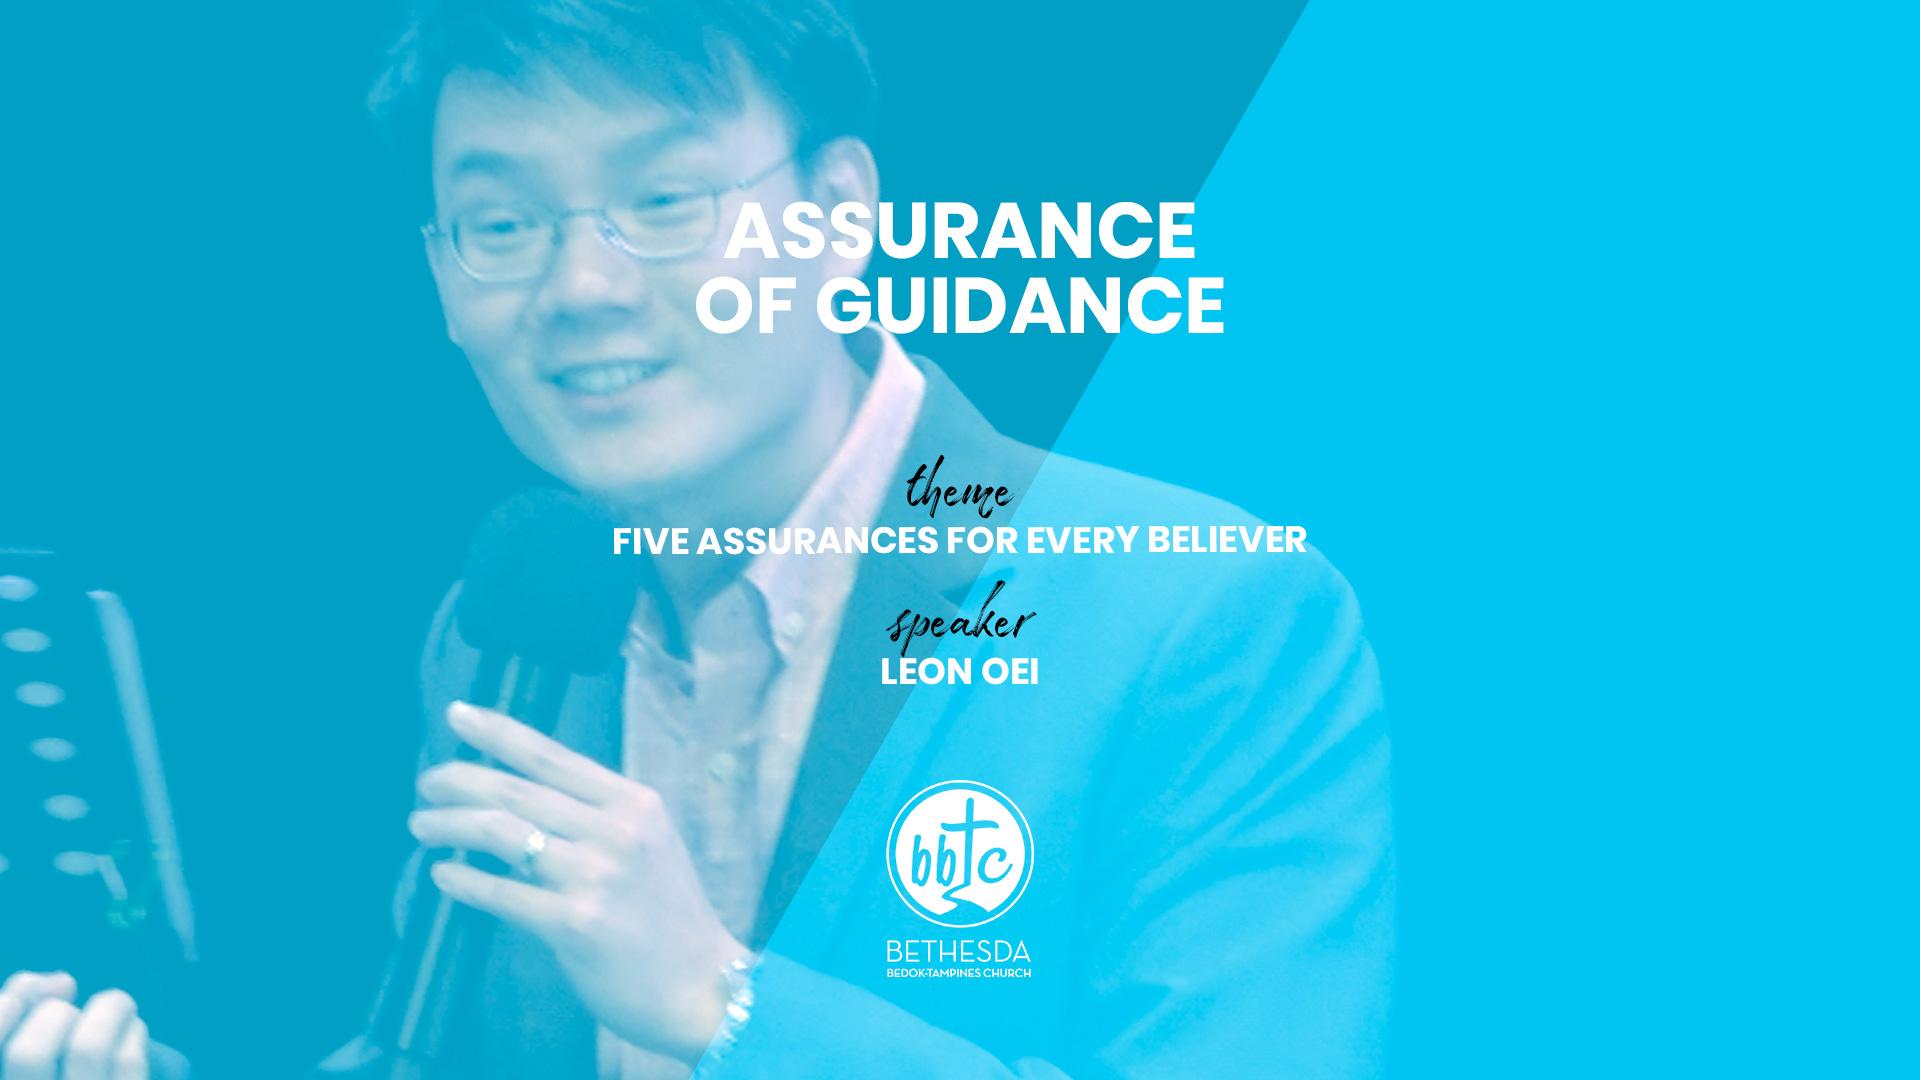 Assurance of Guidance